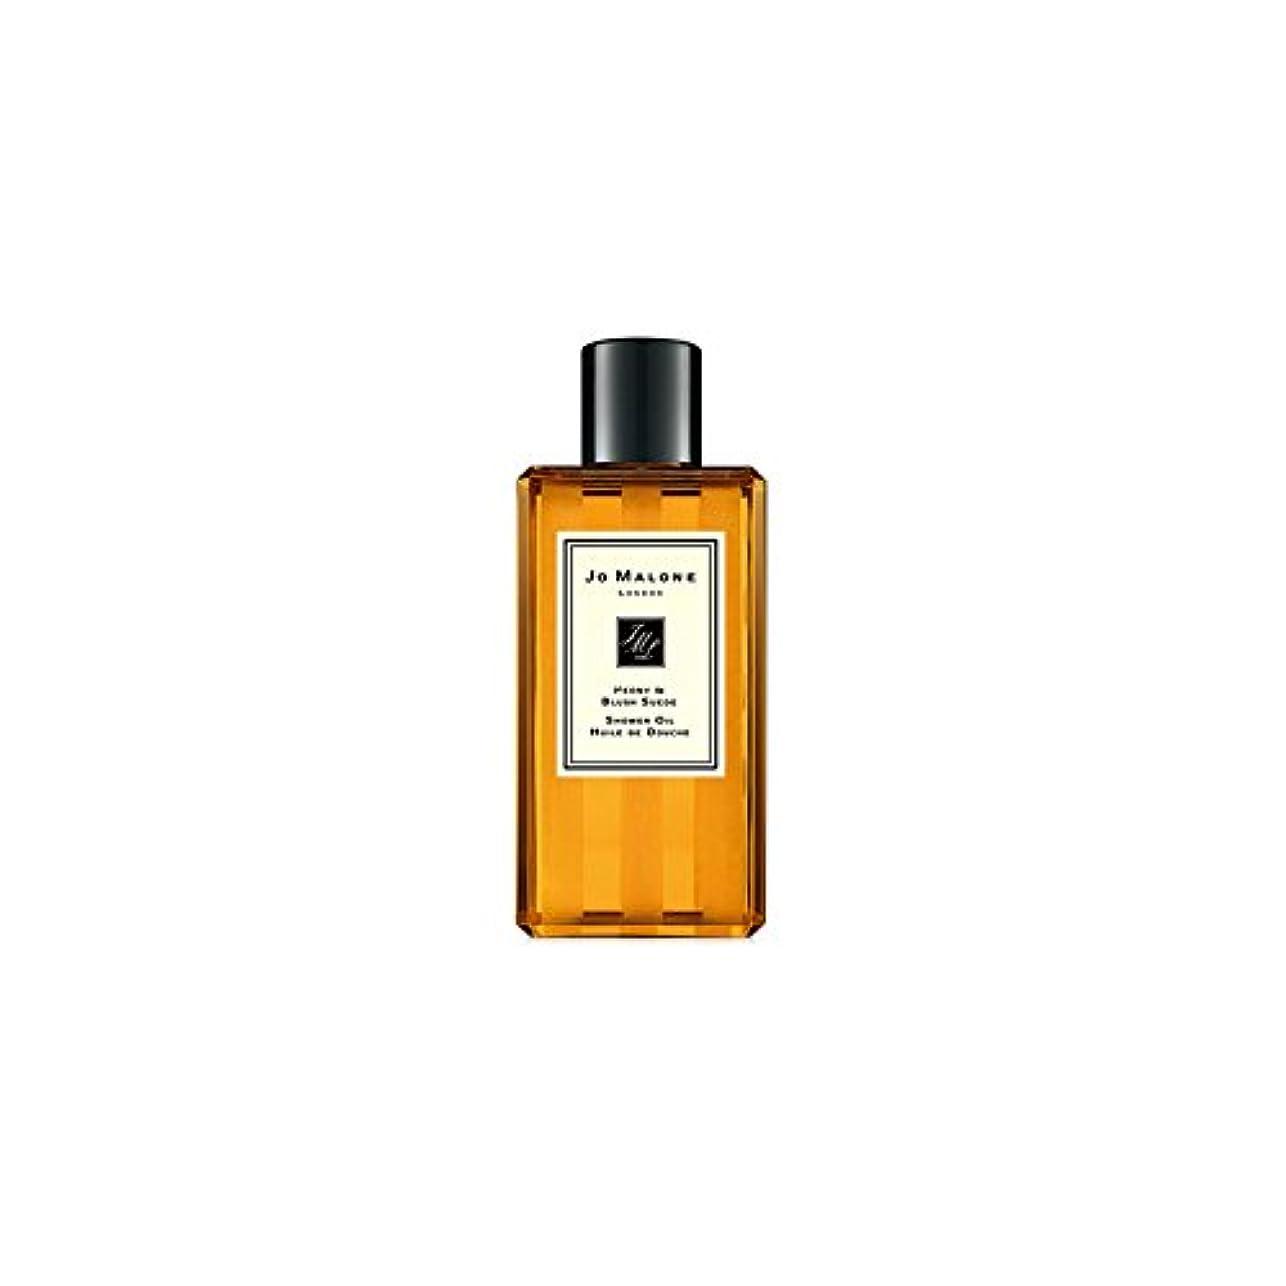 学習吸収する楕円形Jo Malone Peony & Blush Suede Shower Oil - 250ml (Pack of 2) - ジョーマローン牡丹&スエードシャワーオイル赤面 - 250ミリリットル (x2) [並行輸入品]